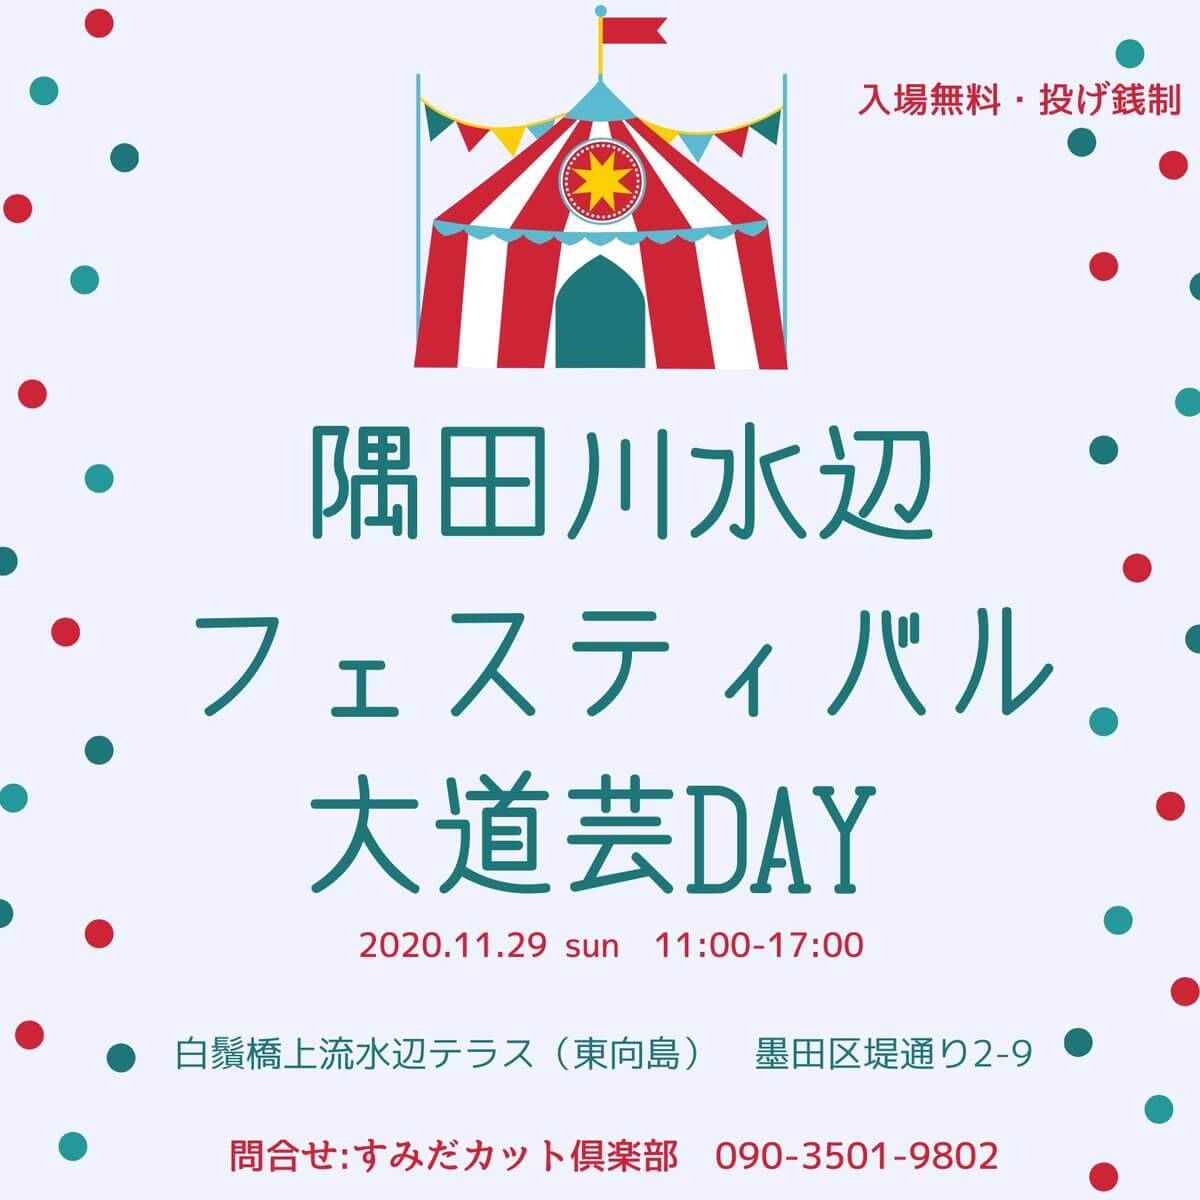 隅田川水辺フェスティバル大道芸DAY 2020年